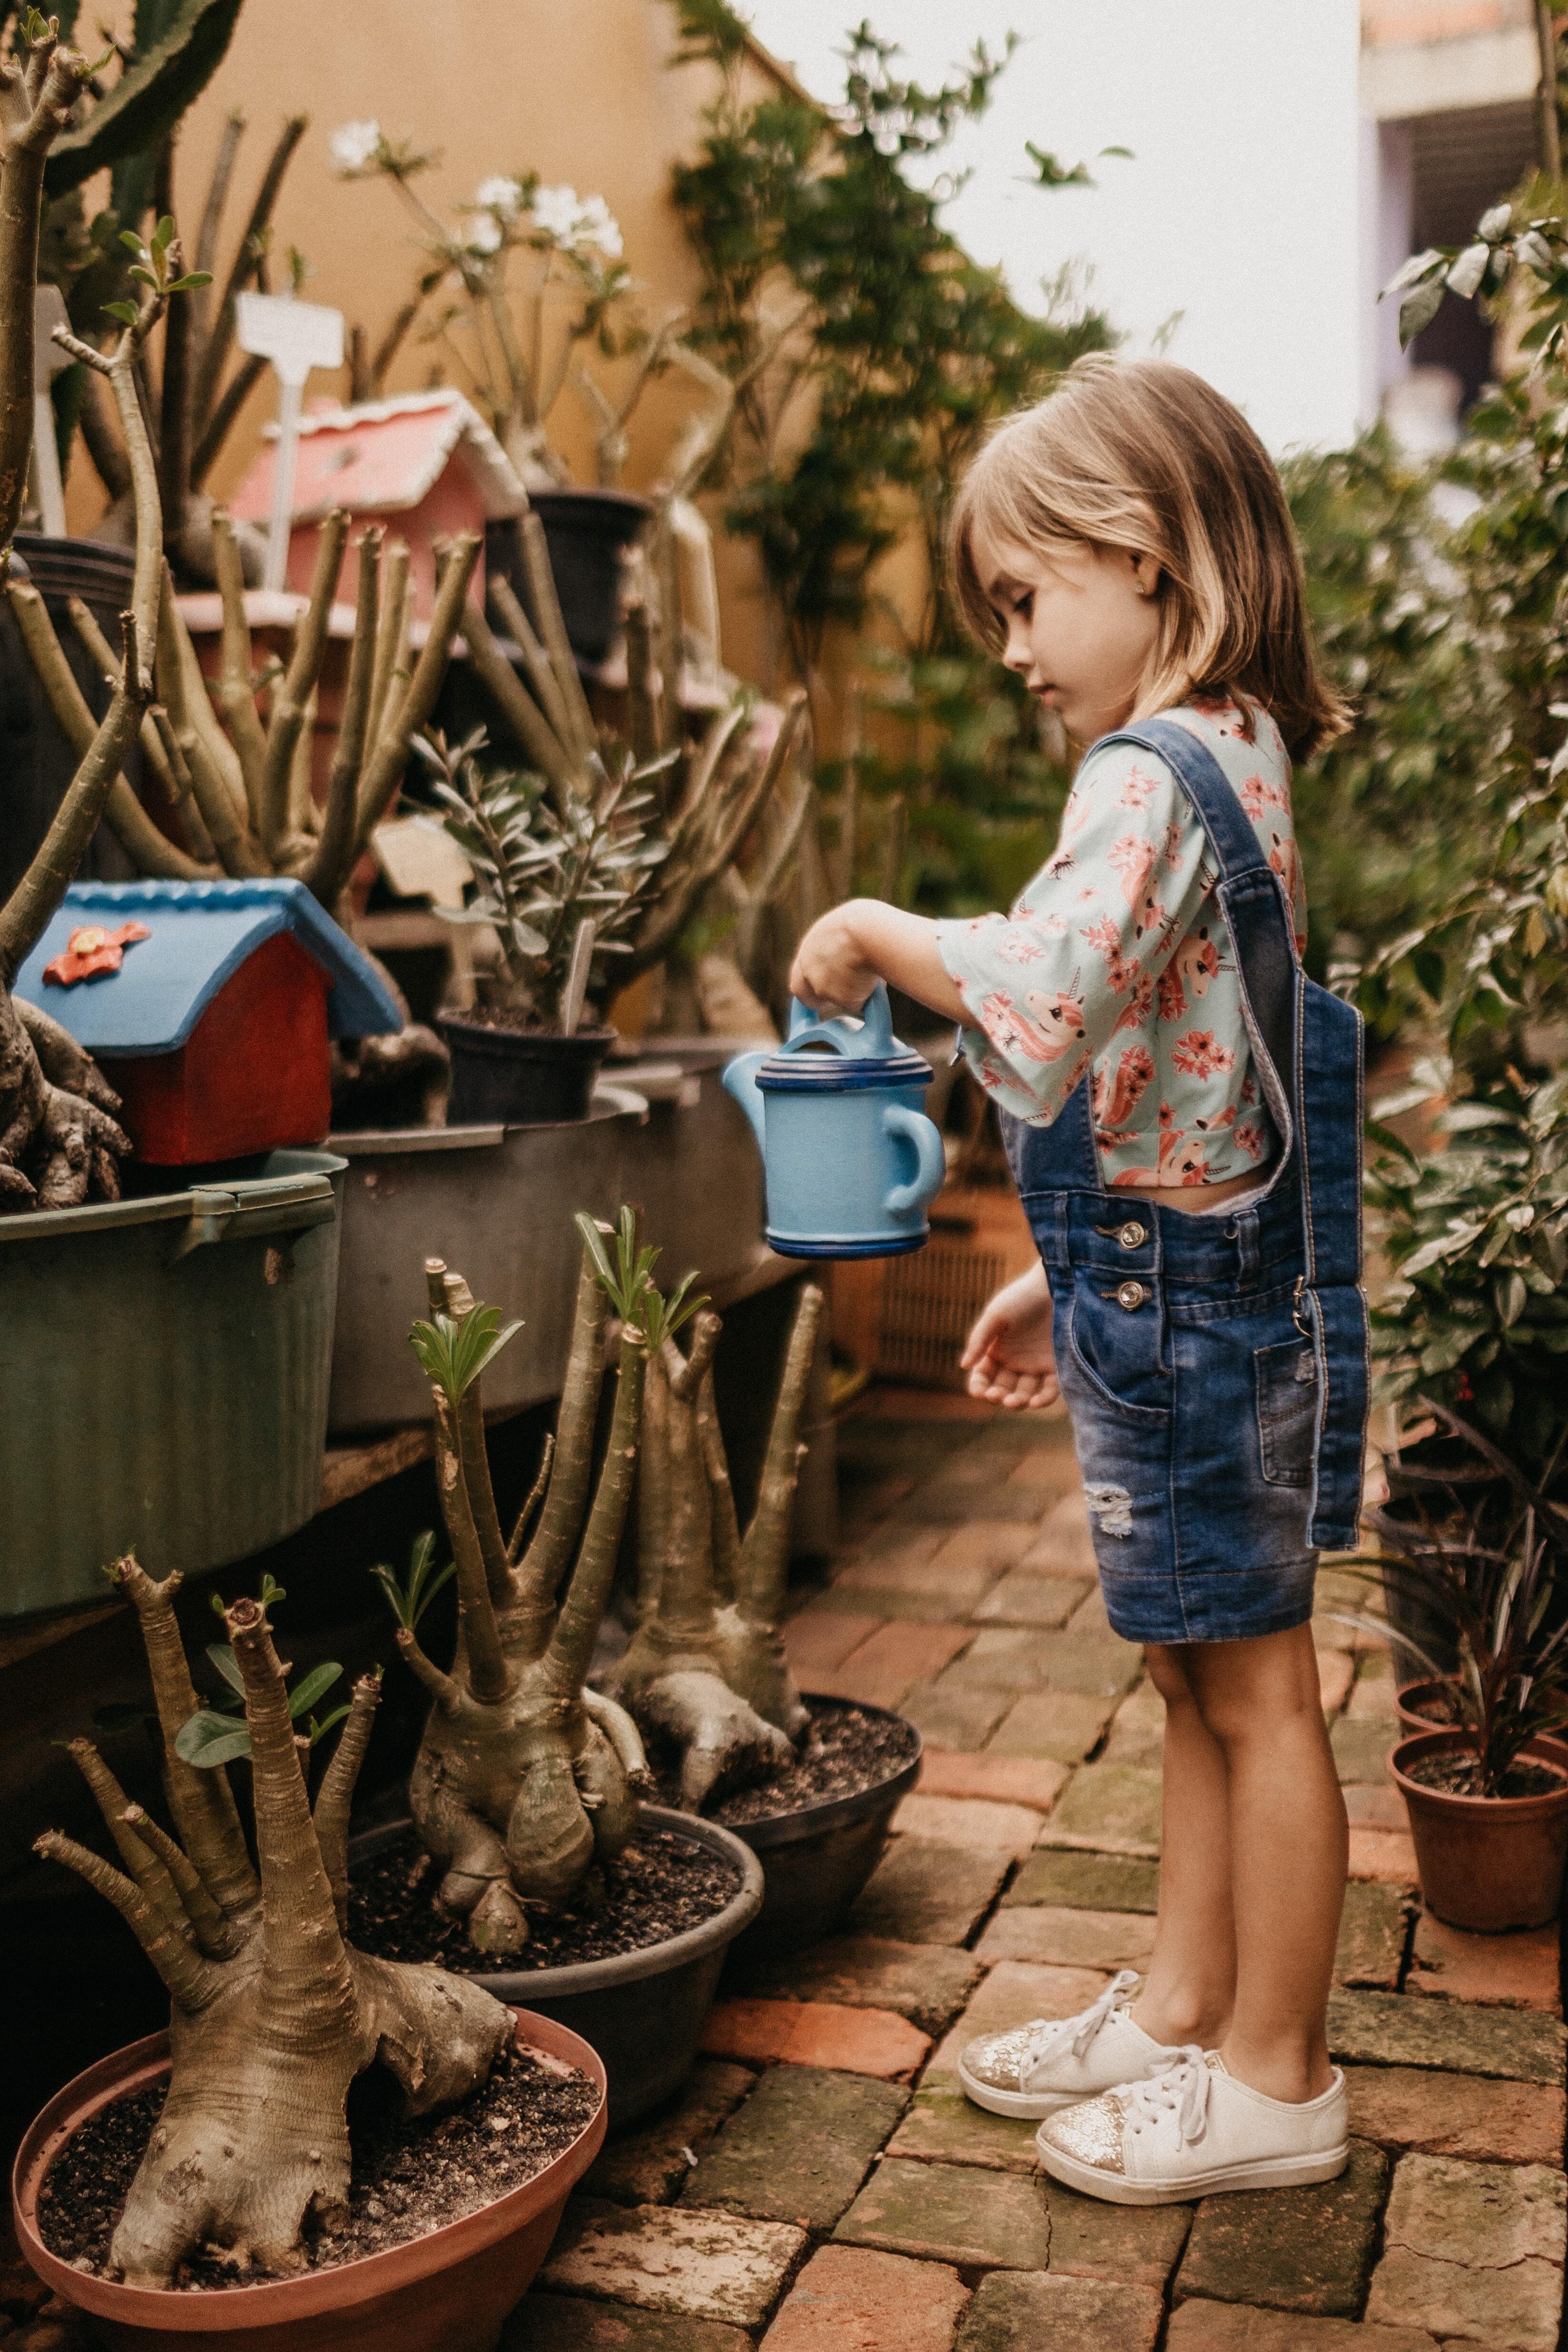 5 модных детских имен, которые на самом деле приносят неудачу